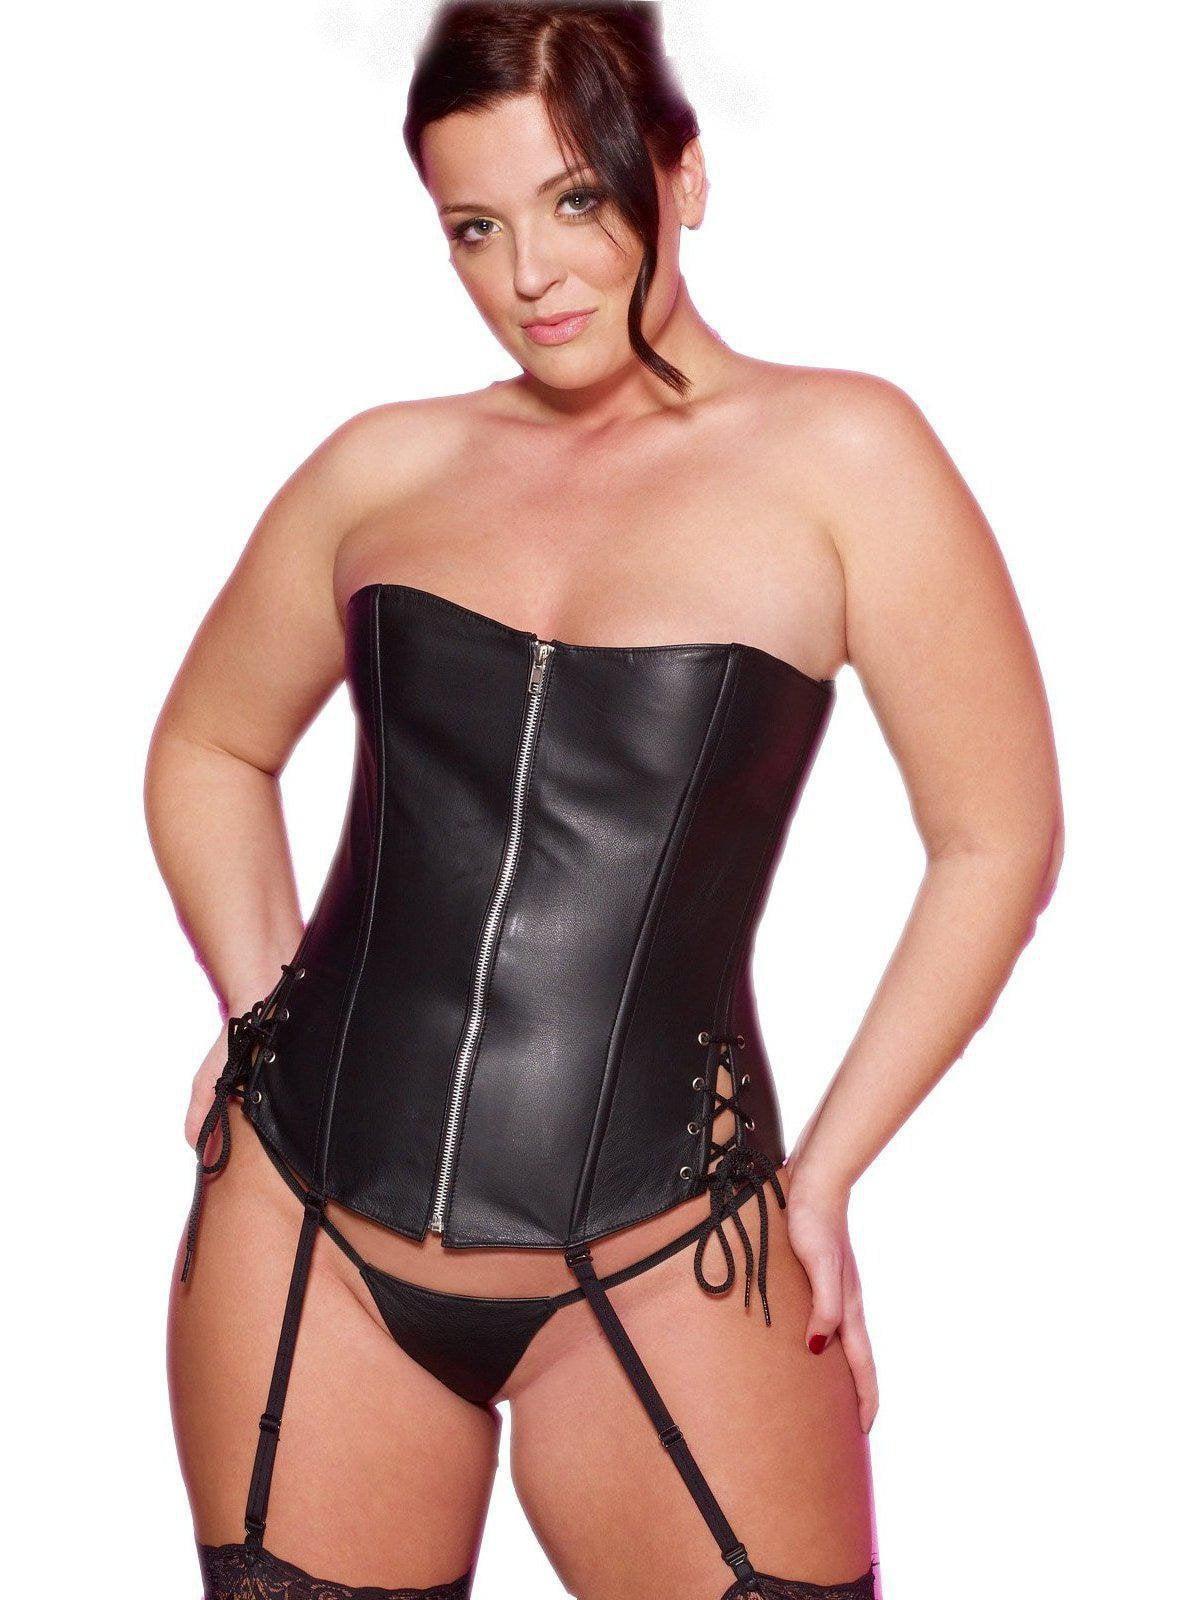 Lingerie Allure Lingerie AL-11-513X Leather Corset plus sizes Black   2X 6193e6d88